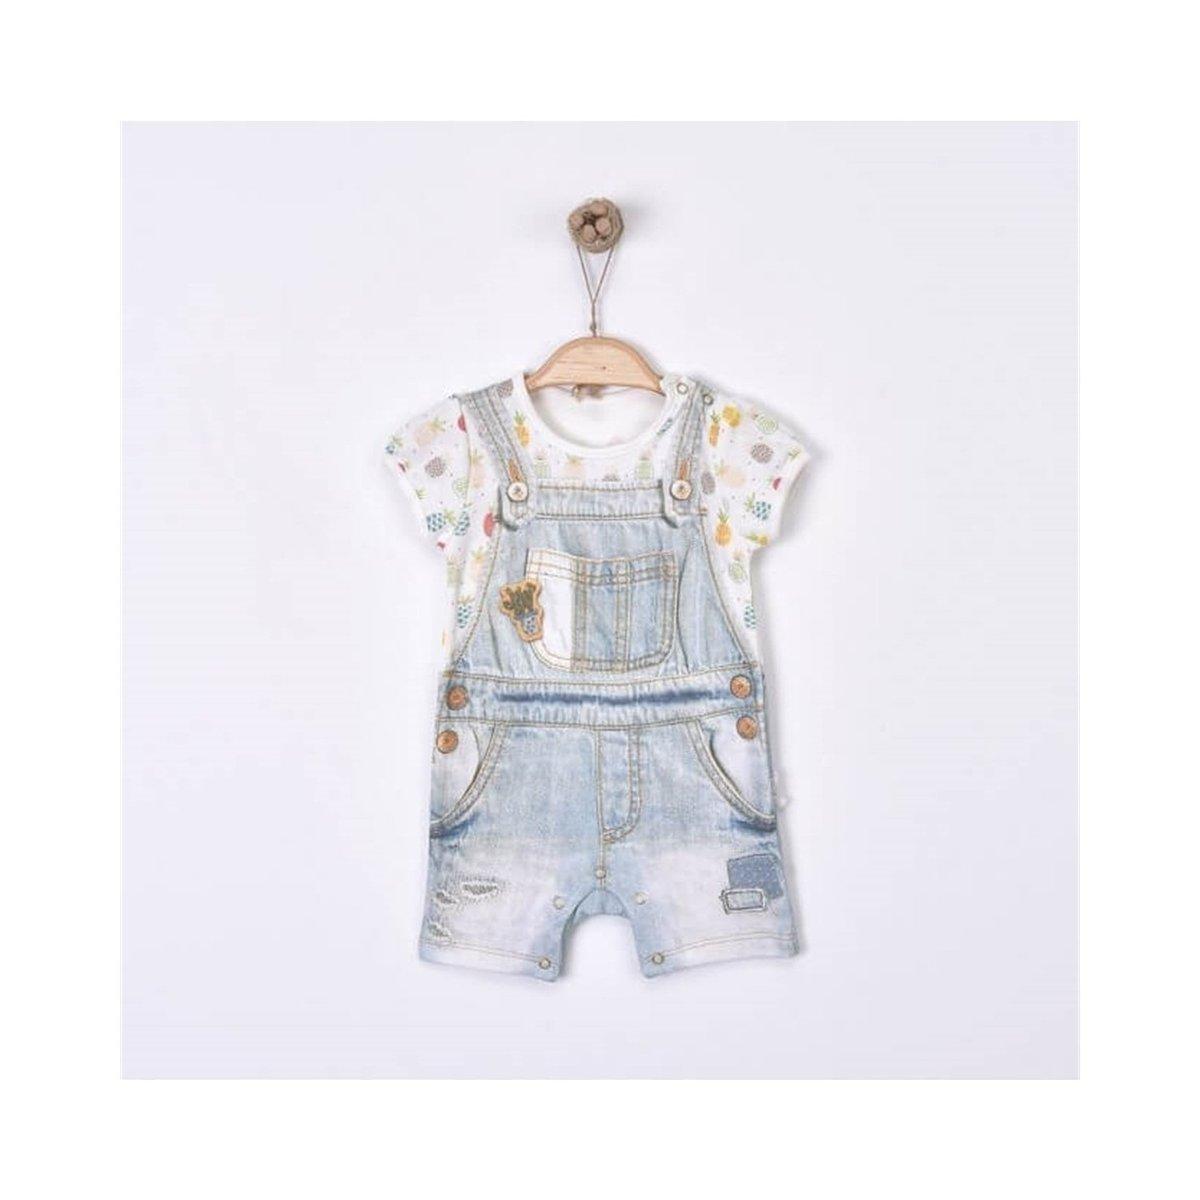 有機棉印花短袖連身衣 (CICEK SORTTULUM)-1-3M